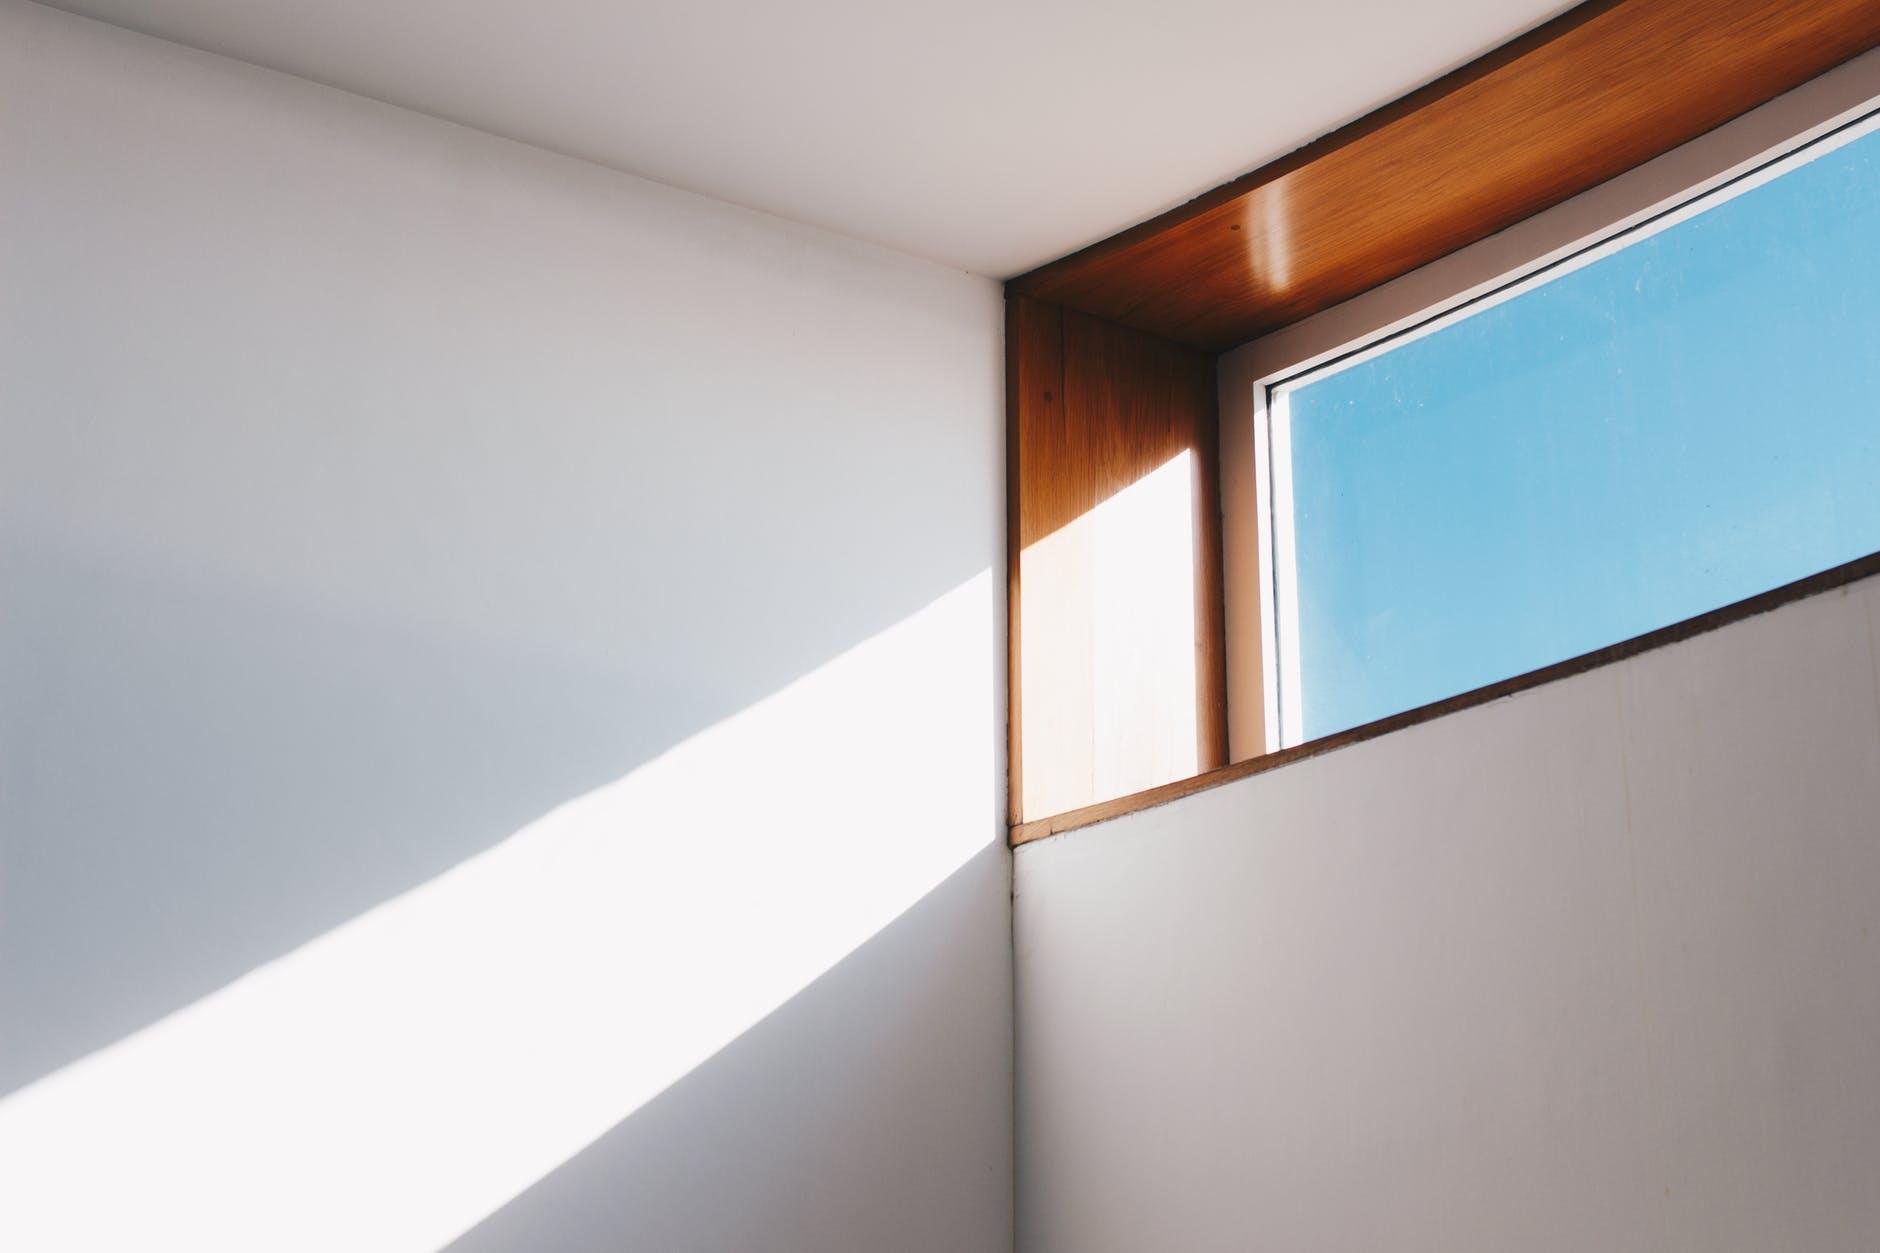 okno, svetlo